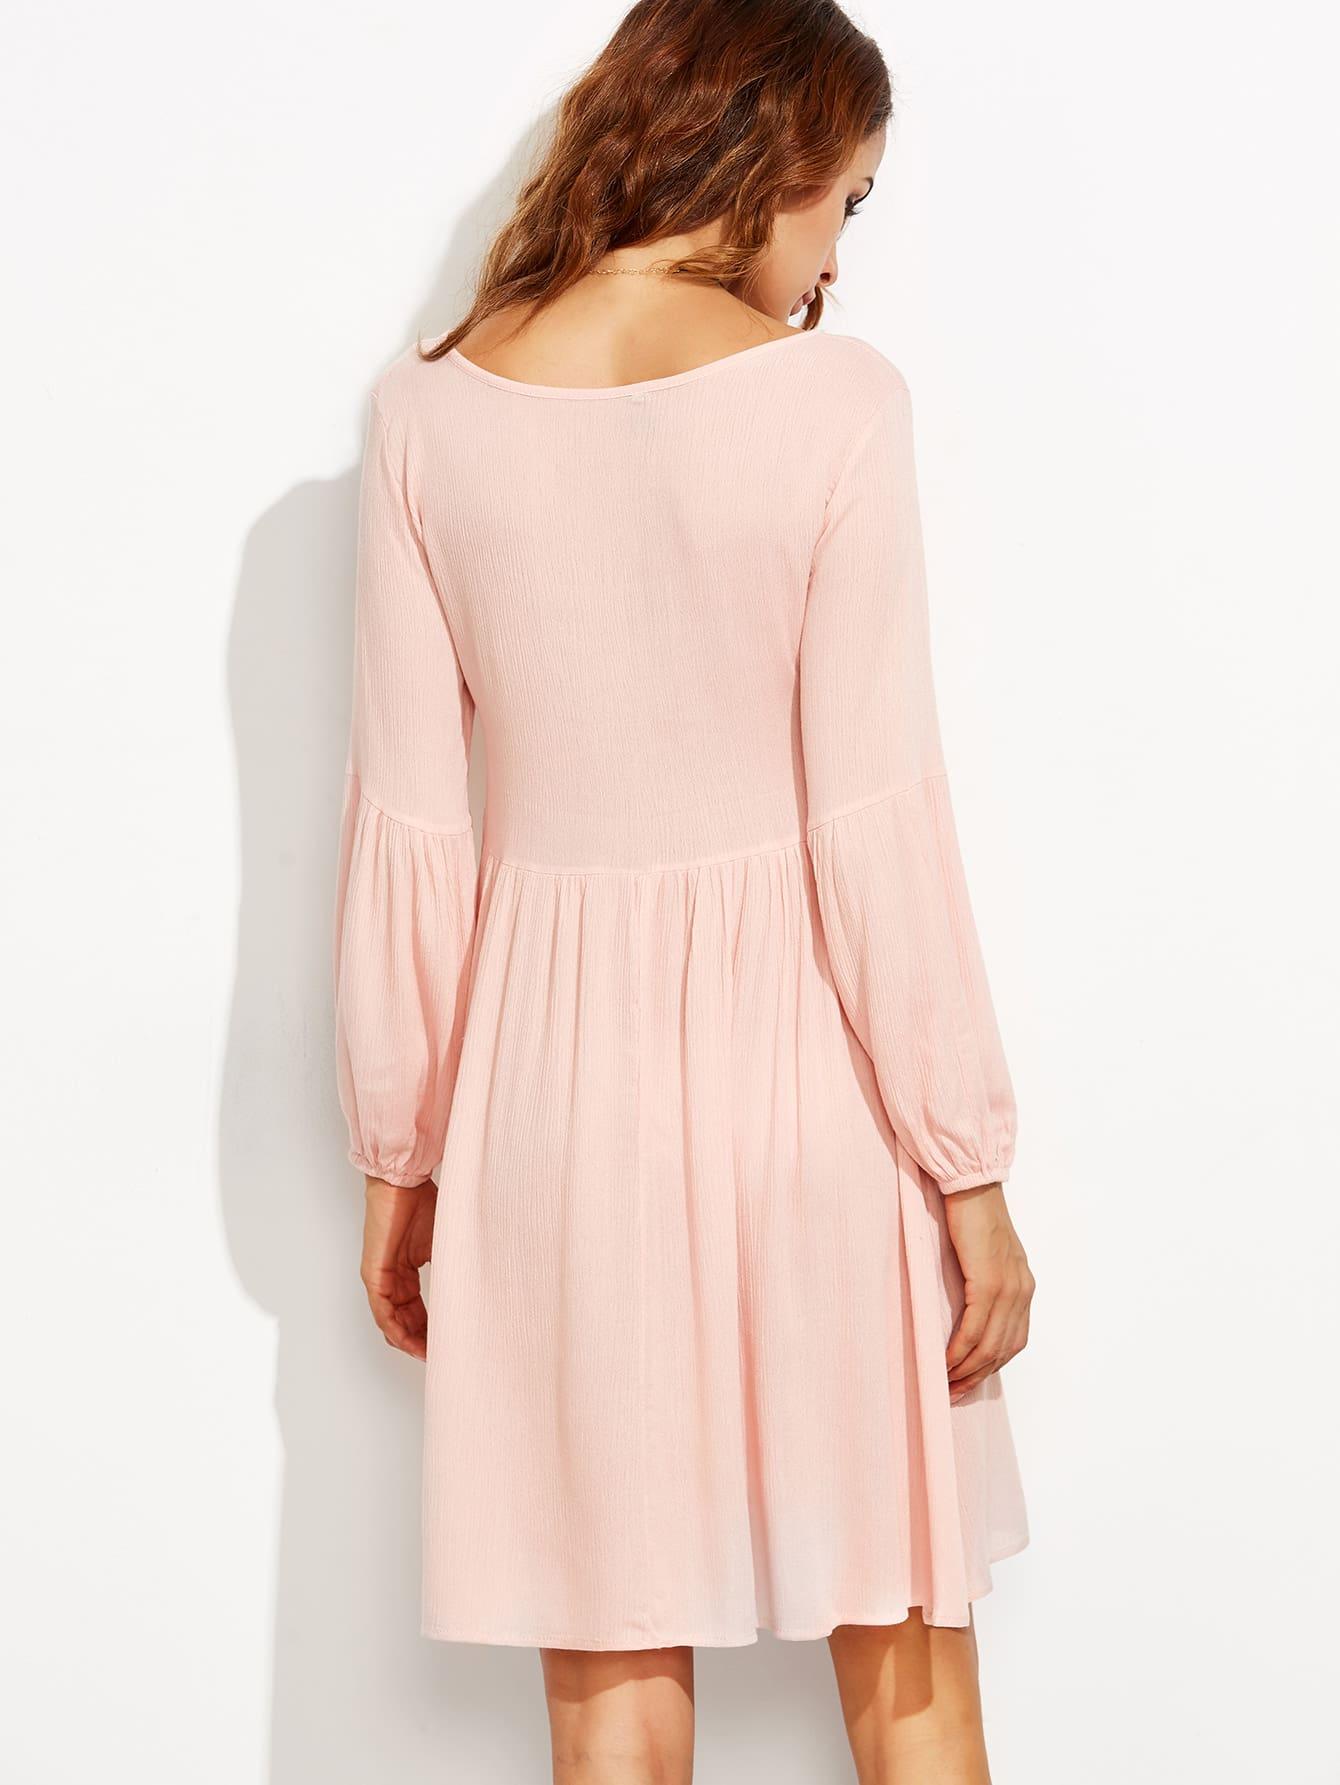 dress160811105_2